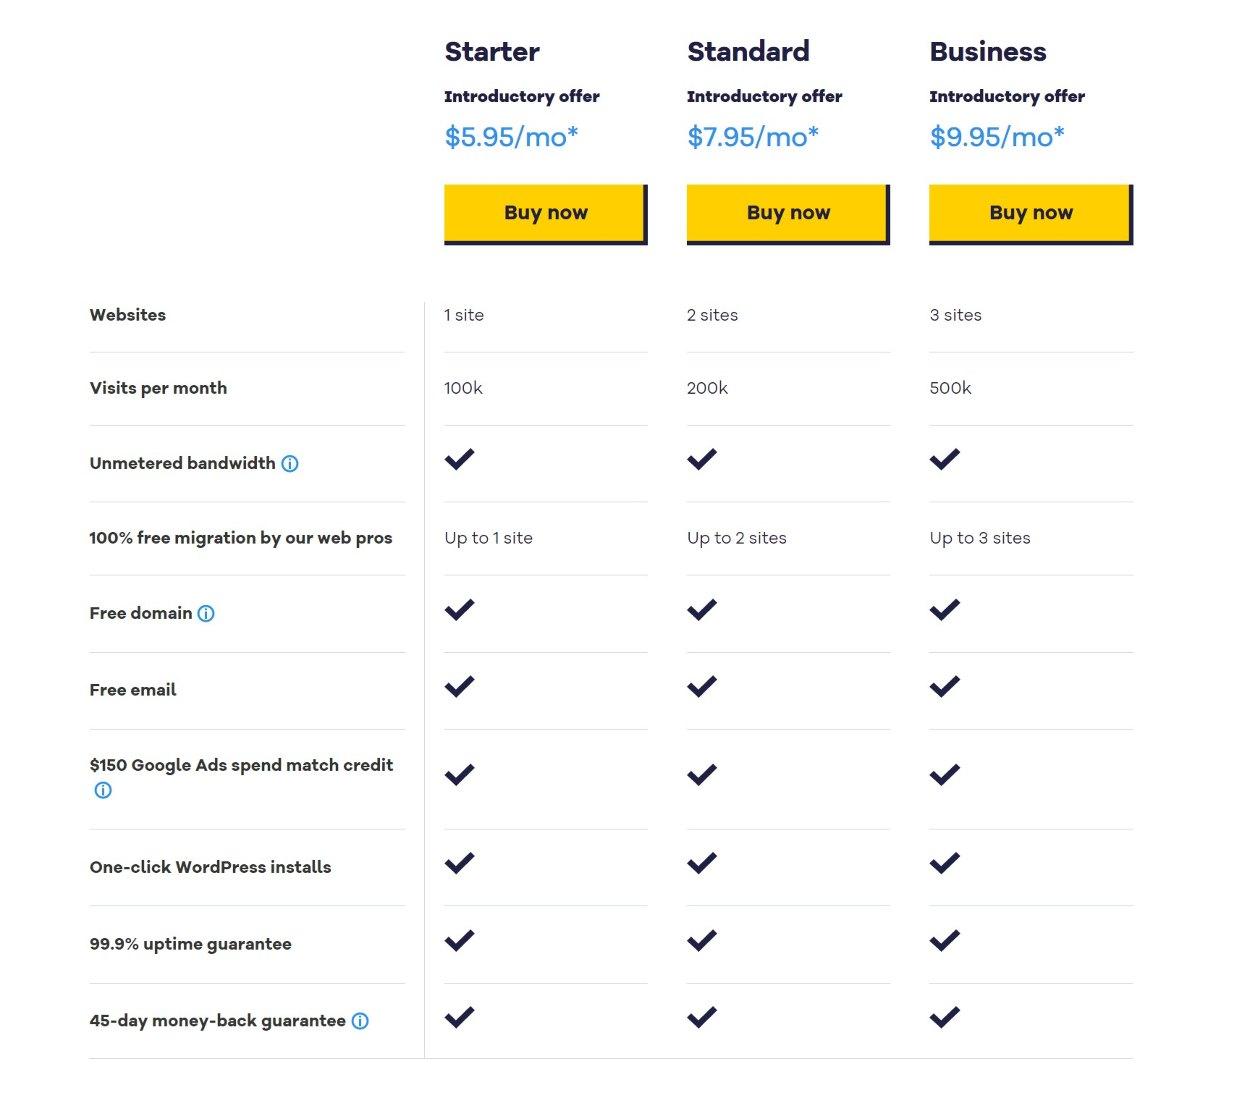 Los 5 mejores proveedores de alojamiento de WooCommerce en comparación con 2021 (todos los presupuestos) - 1630937892 795 Los 5 mejores proveedores de alojamiento de WooCommerce en comparacion